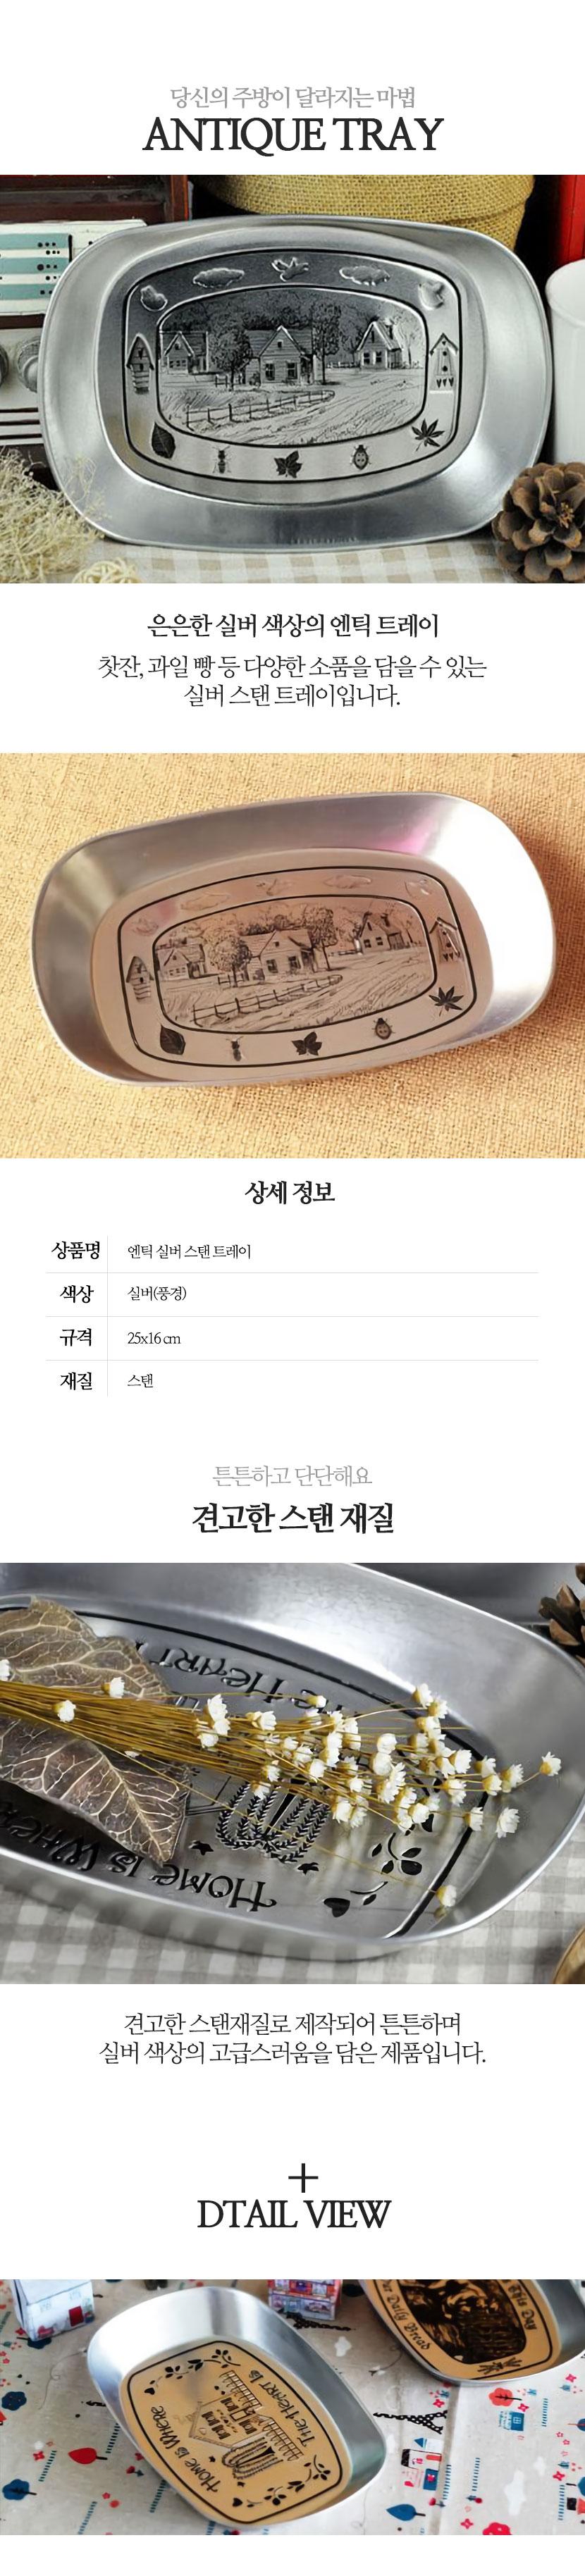 엔틱 실버 스텐 트레이 - 룸바이디자인, 8,700원, 주방소품, 쟁반/트레이